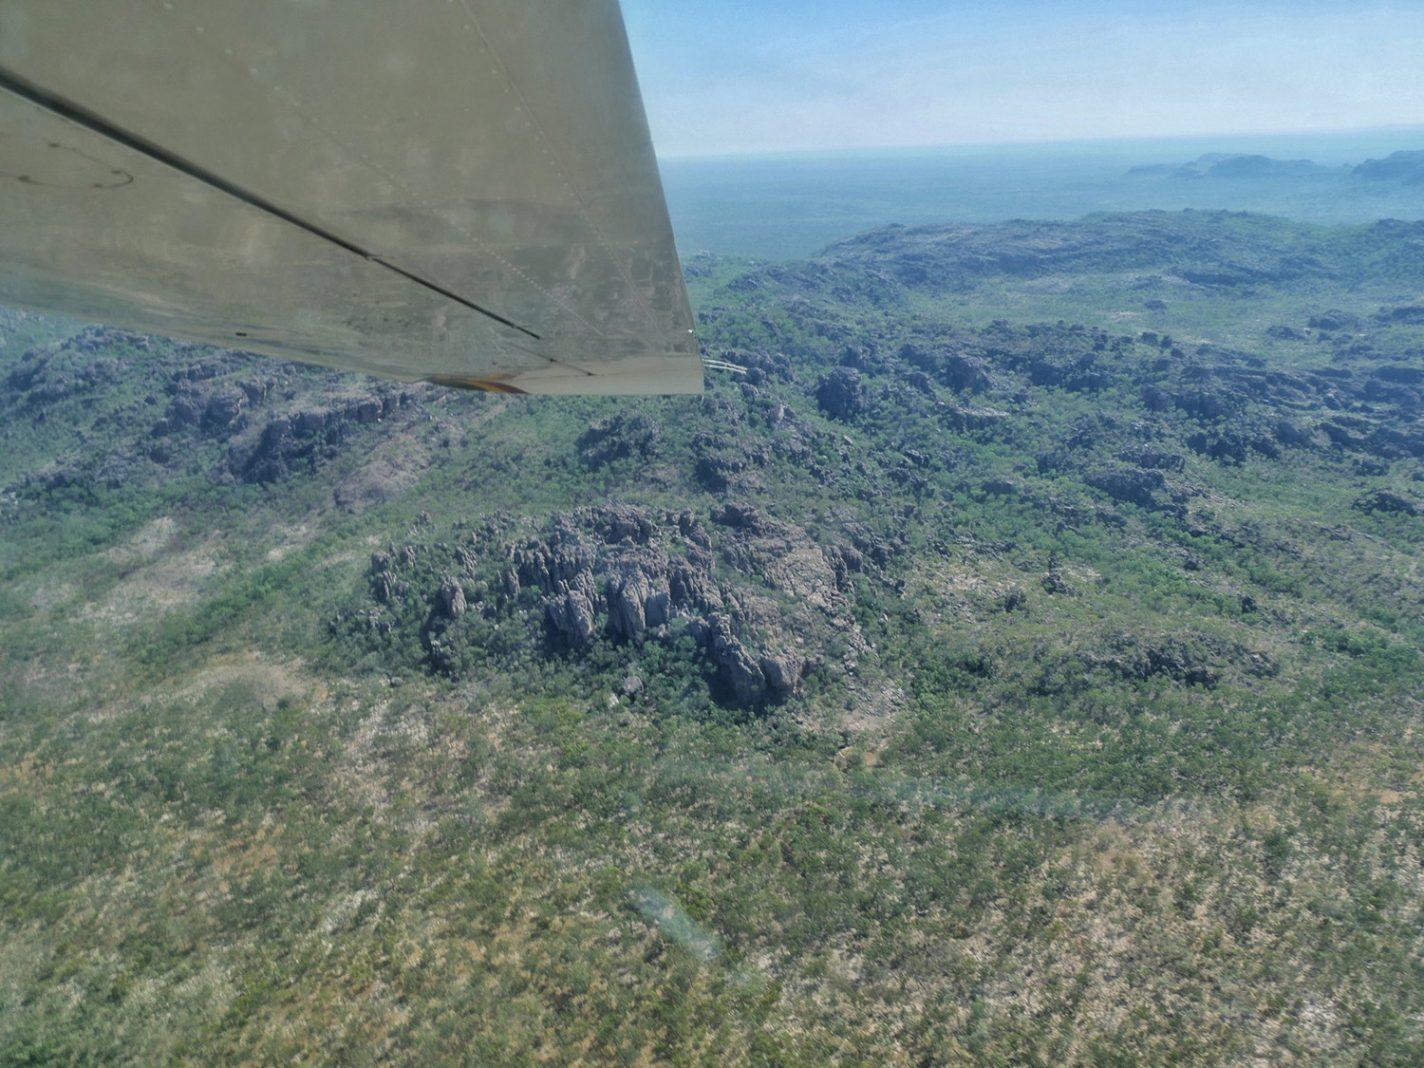 Schitterende landschappen vanuit het vliegtuigje - Kakadu National Park